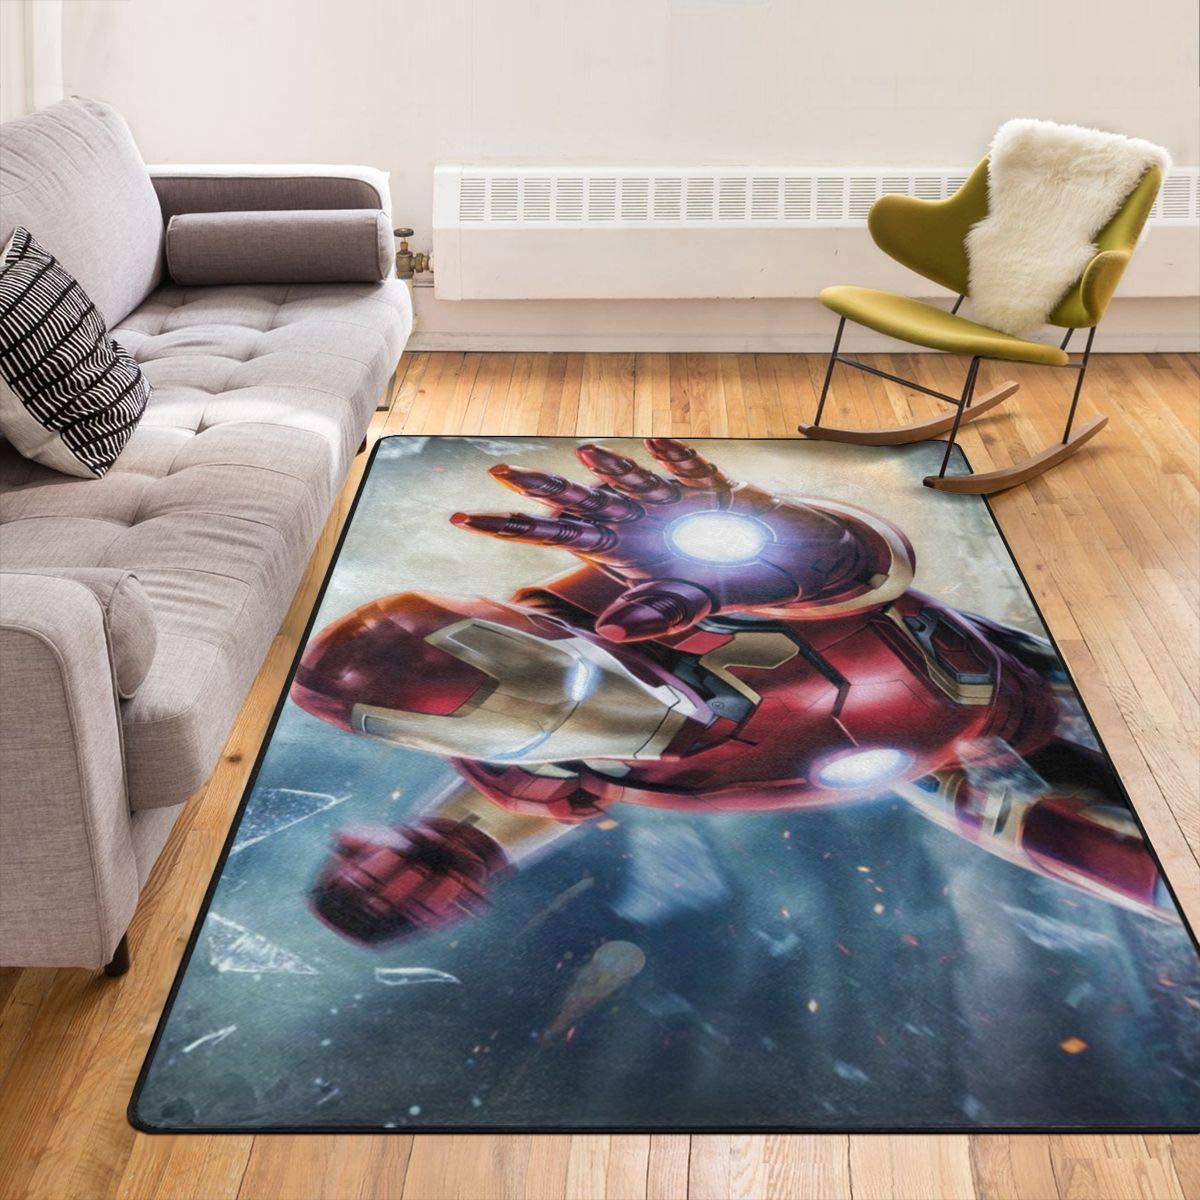 屋内 玄関マット 中敷カーペット 用 Iron Man 4 アイアンマン 洗える カーペット 室内 マルチマット クレホールマット 泥落としマット ドアマット